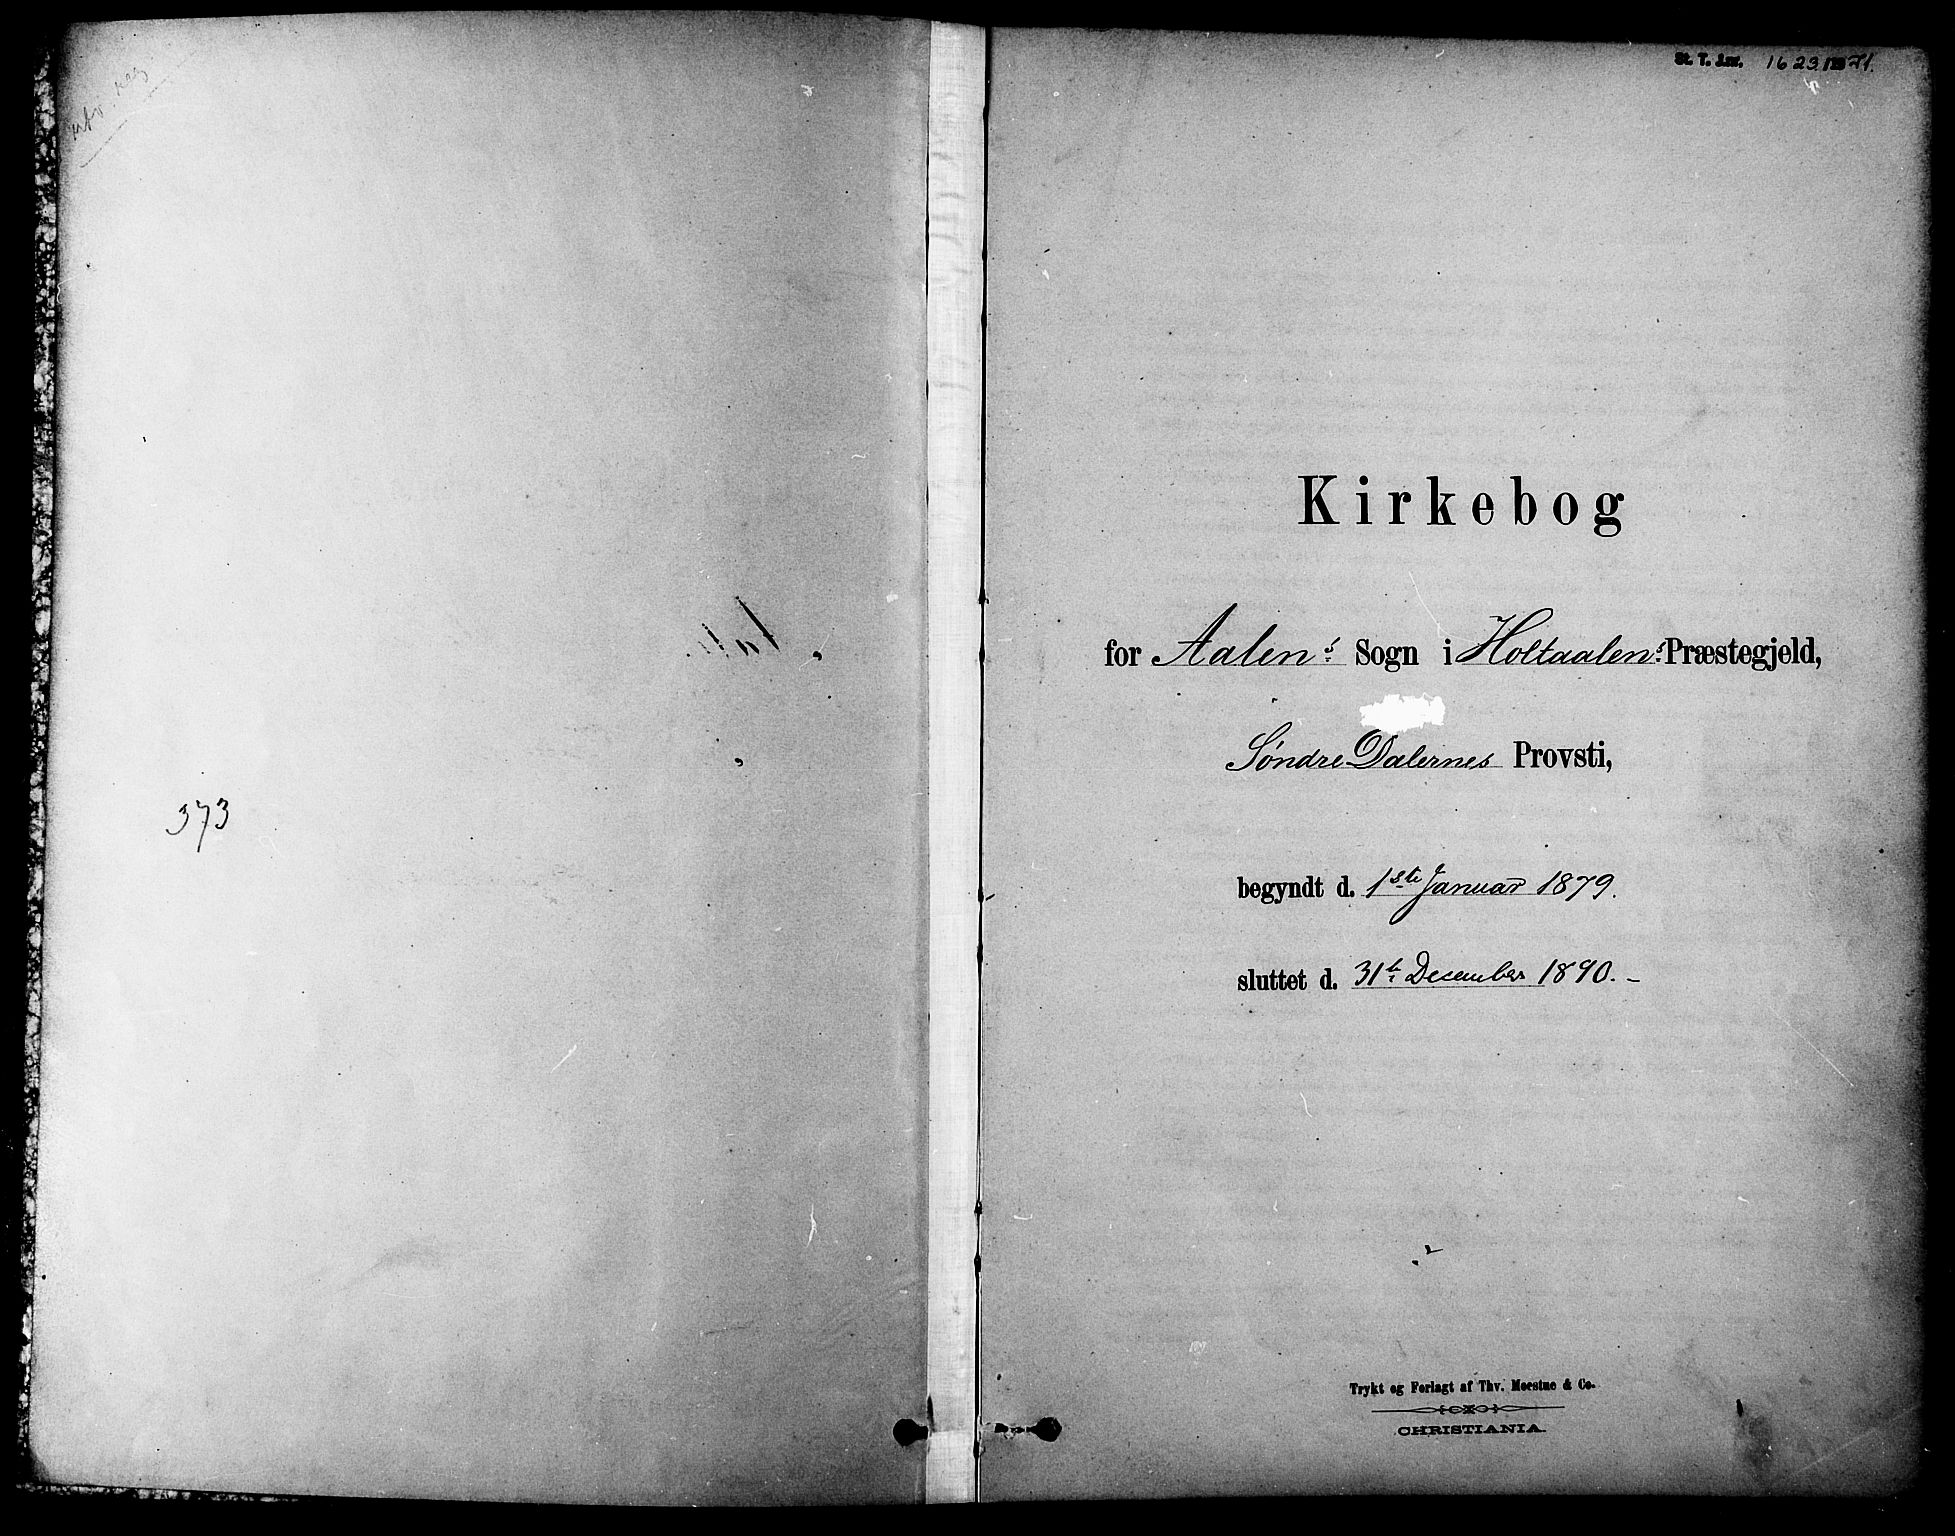 SAT, Ministerialprotokoller, klokkerbøker og fødselsregistre - Sør-Trøndelag, 686/L0983: Ministerialbok nr. 686A01, 1879-1890